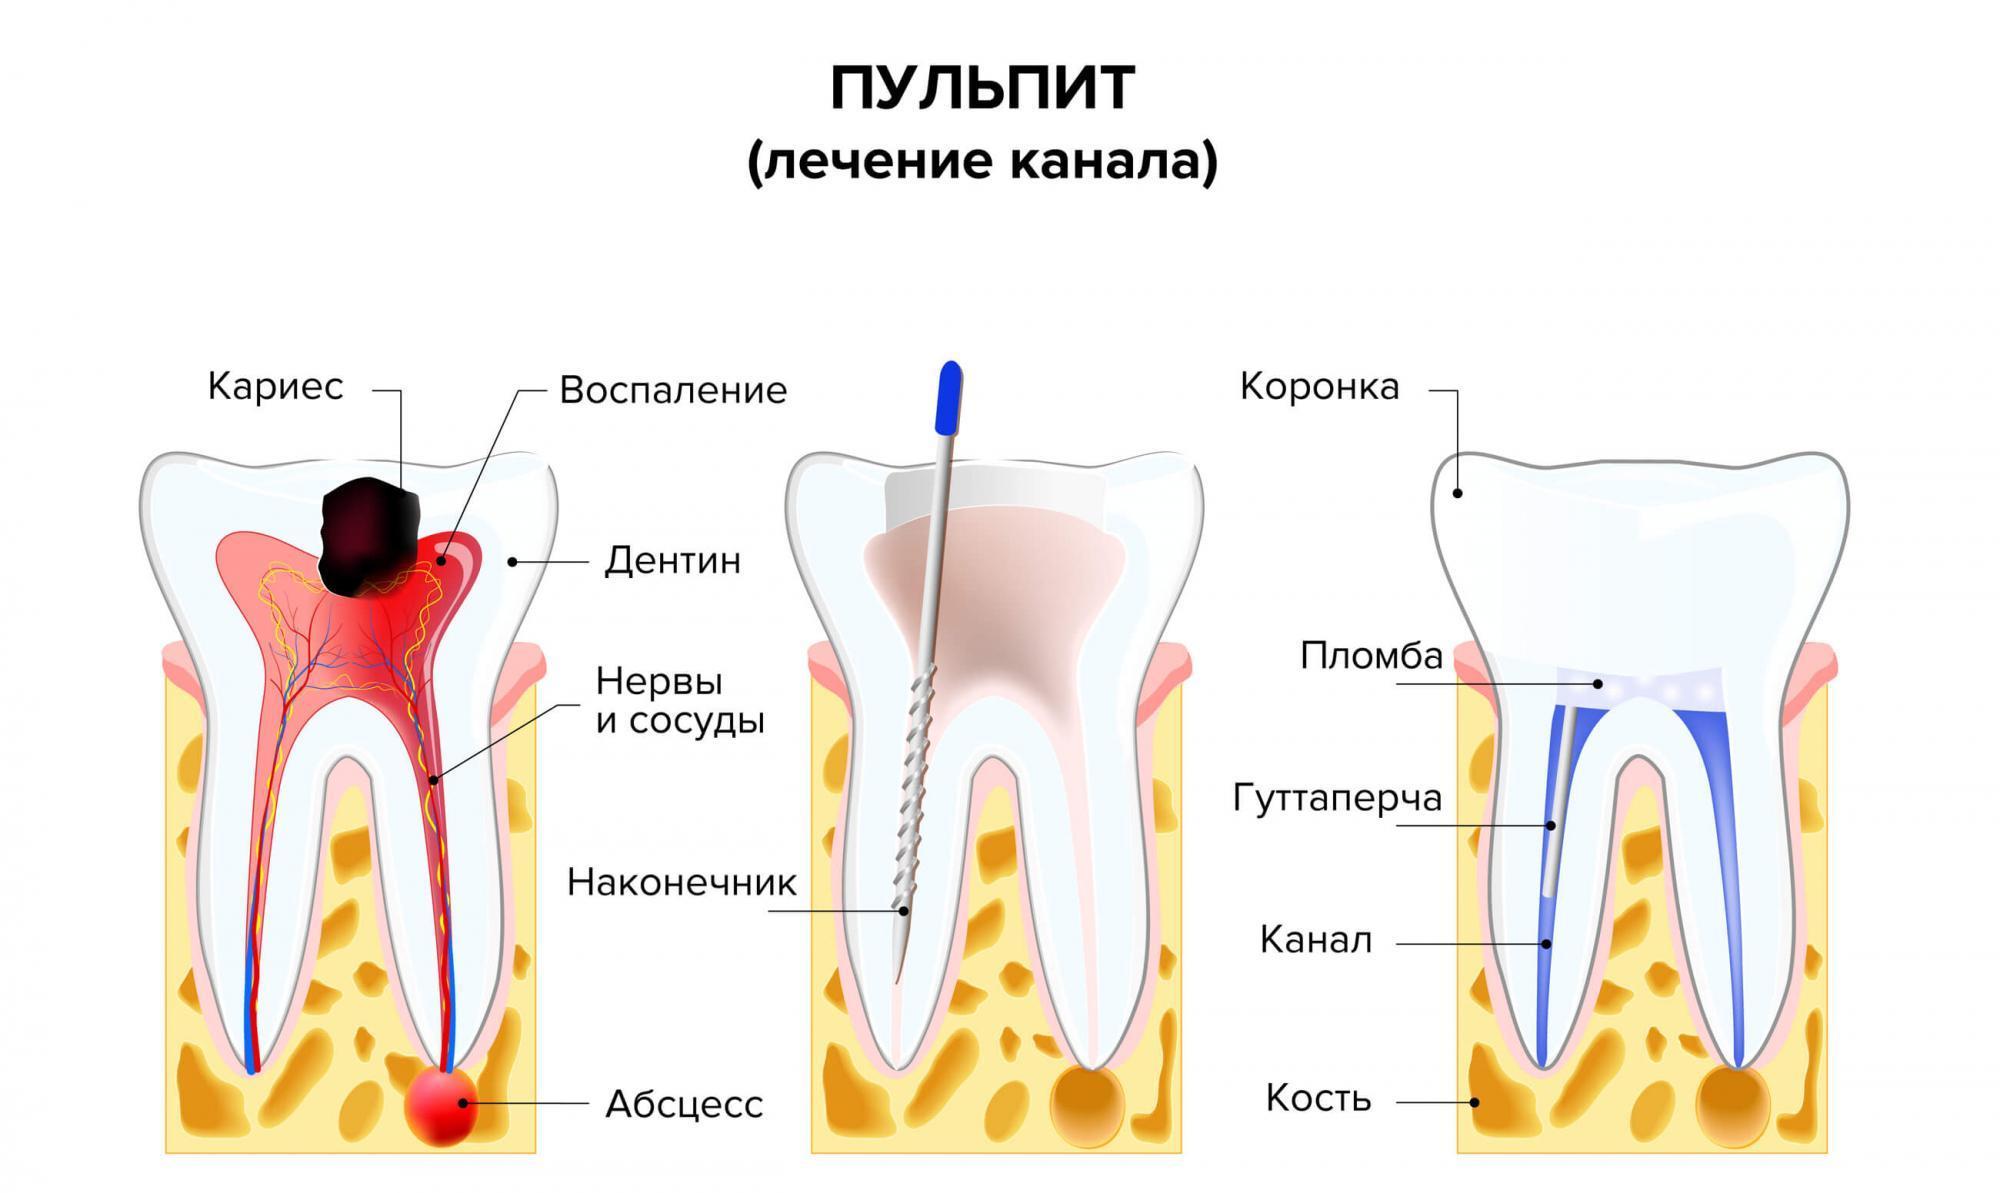 Режутся зубки у ребенка: как обезболить, средства для облегчения боли при прорезывании зубов у младенцев